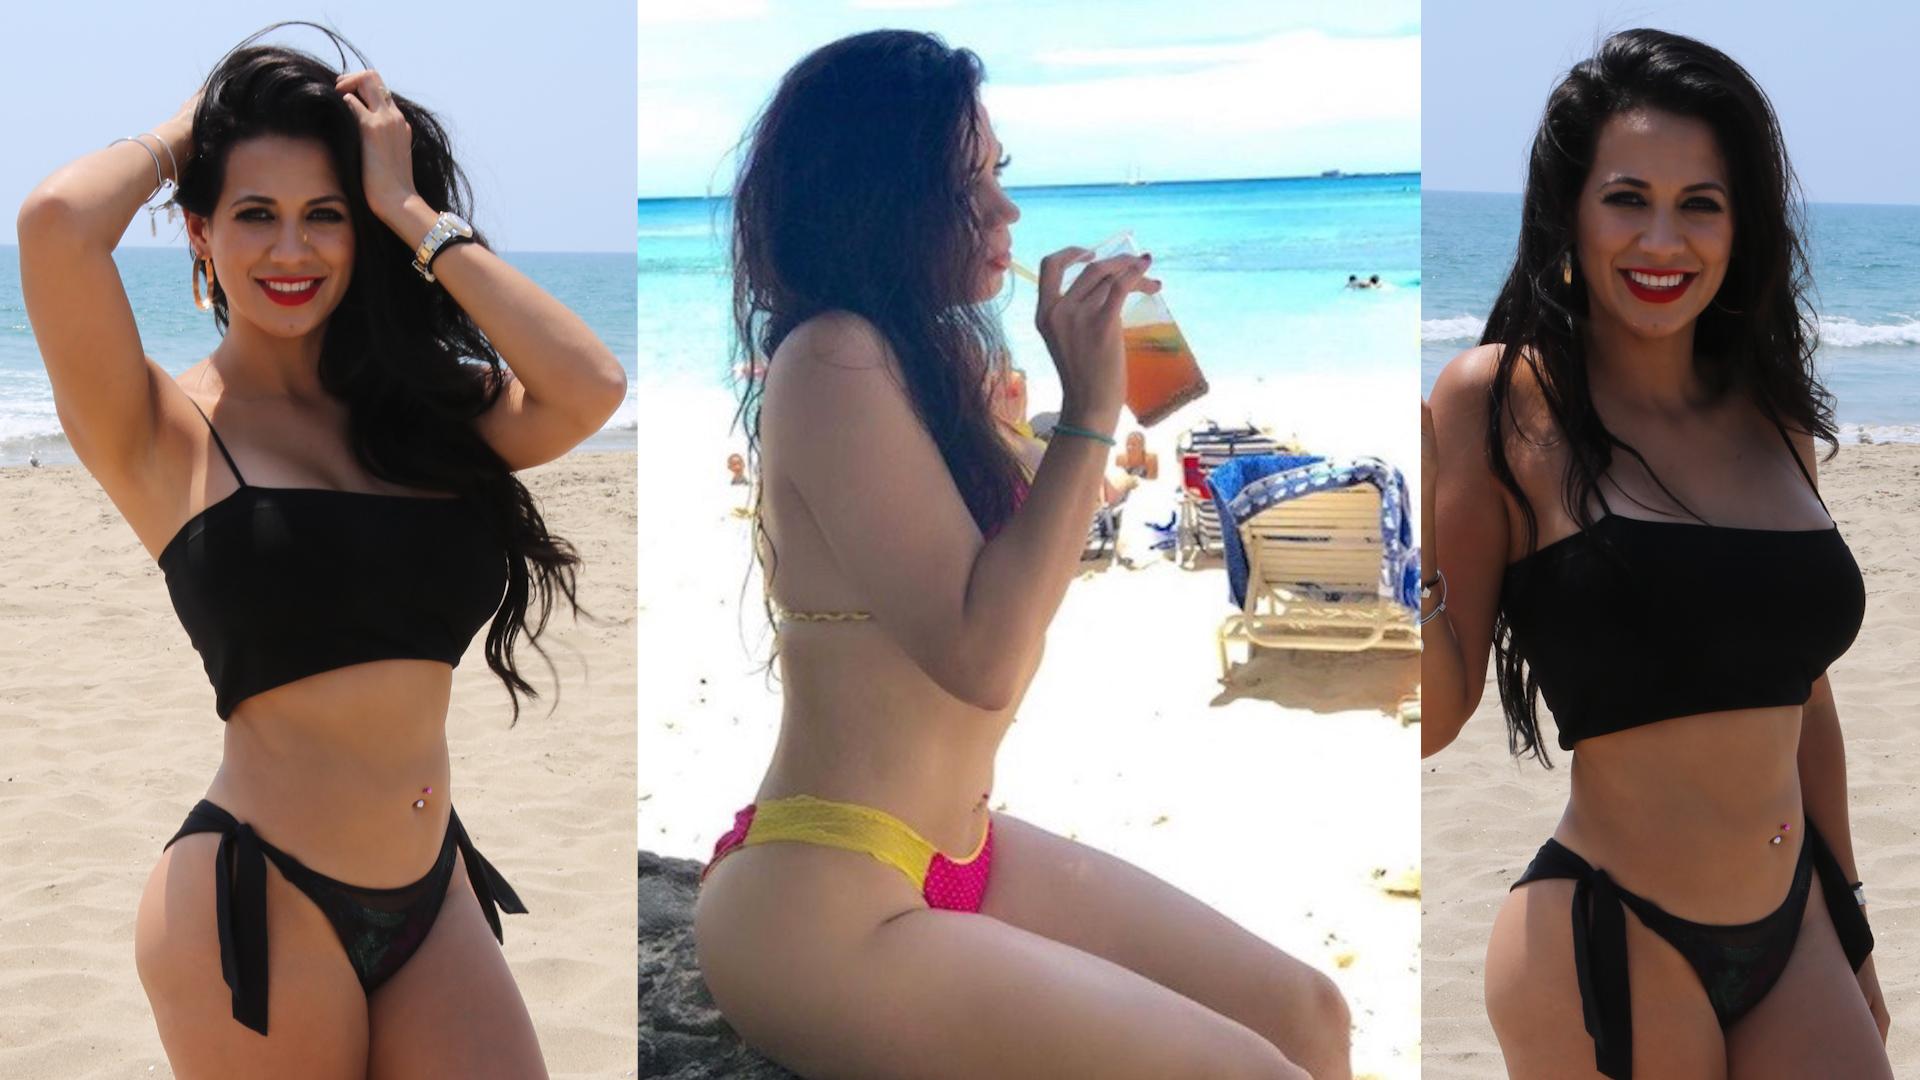 Locura en playa los juanes en venezuela 2013 - 3 part 5